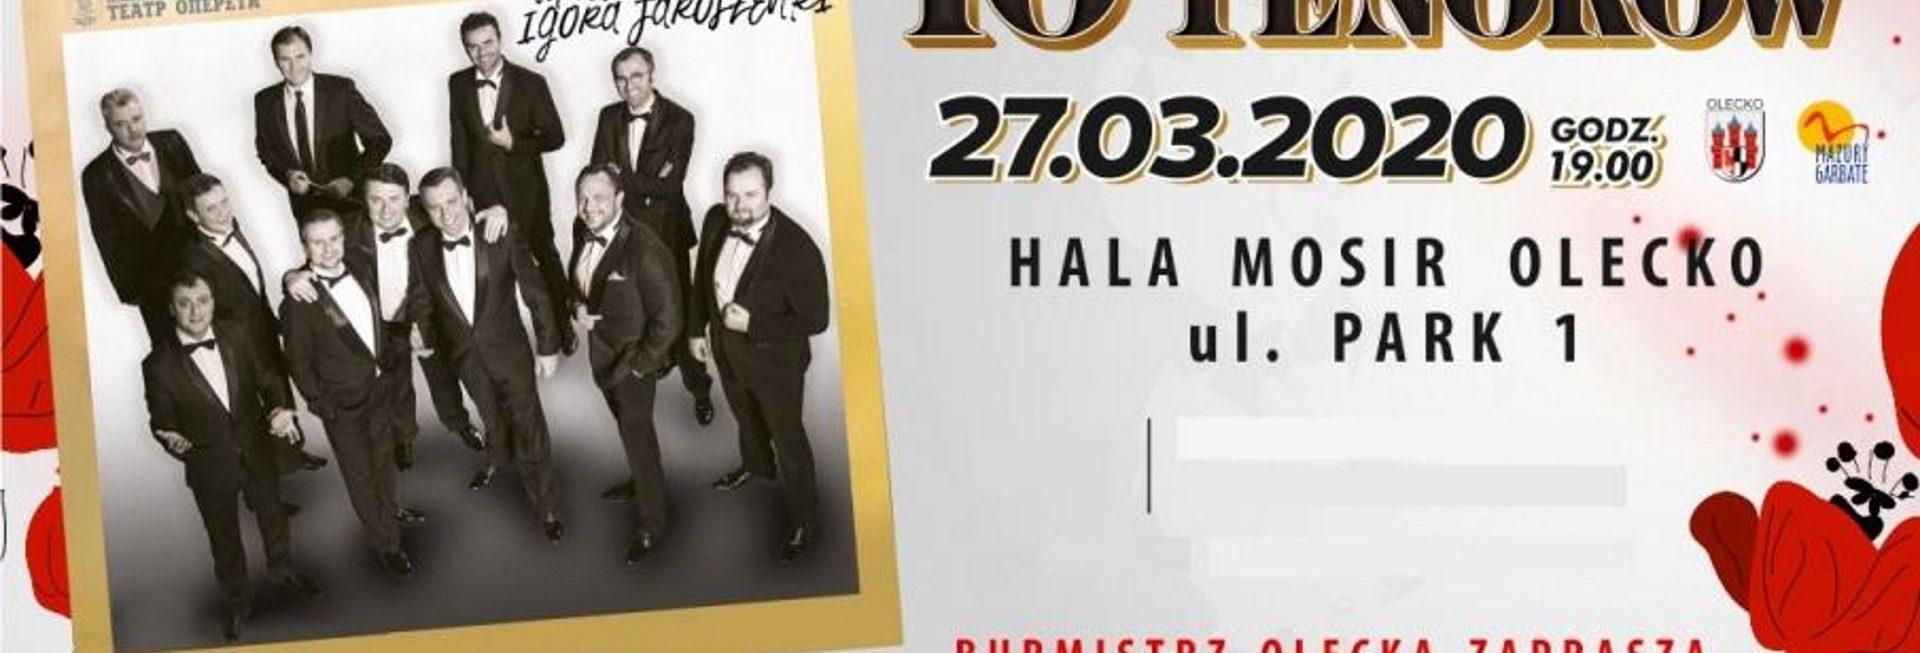 Zdjęcie - plakat informujący o koncercie, data i miejsca imprezy. Po lewej stronie plakatu, zdjęcie dziesięciu Tenorów, którzy wezmą udział w koncercie.